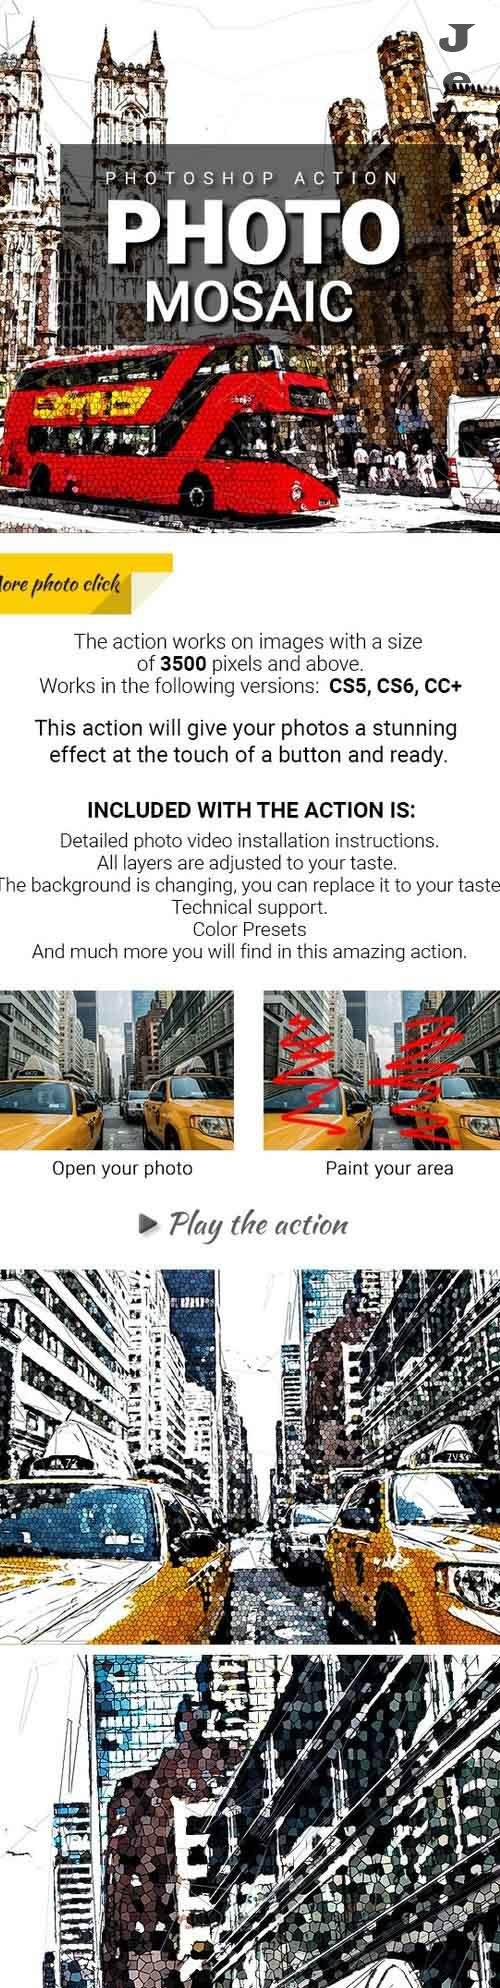 Photo Mosaic Photoshop Action 27986689